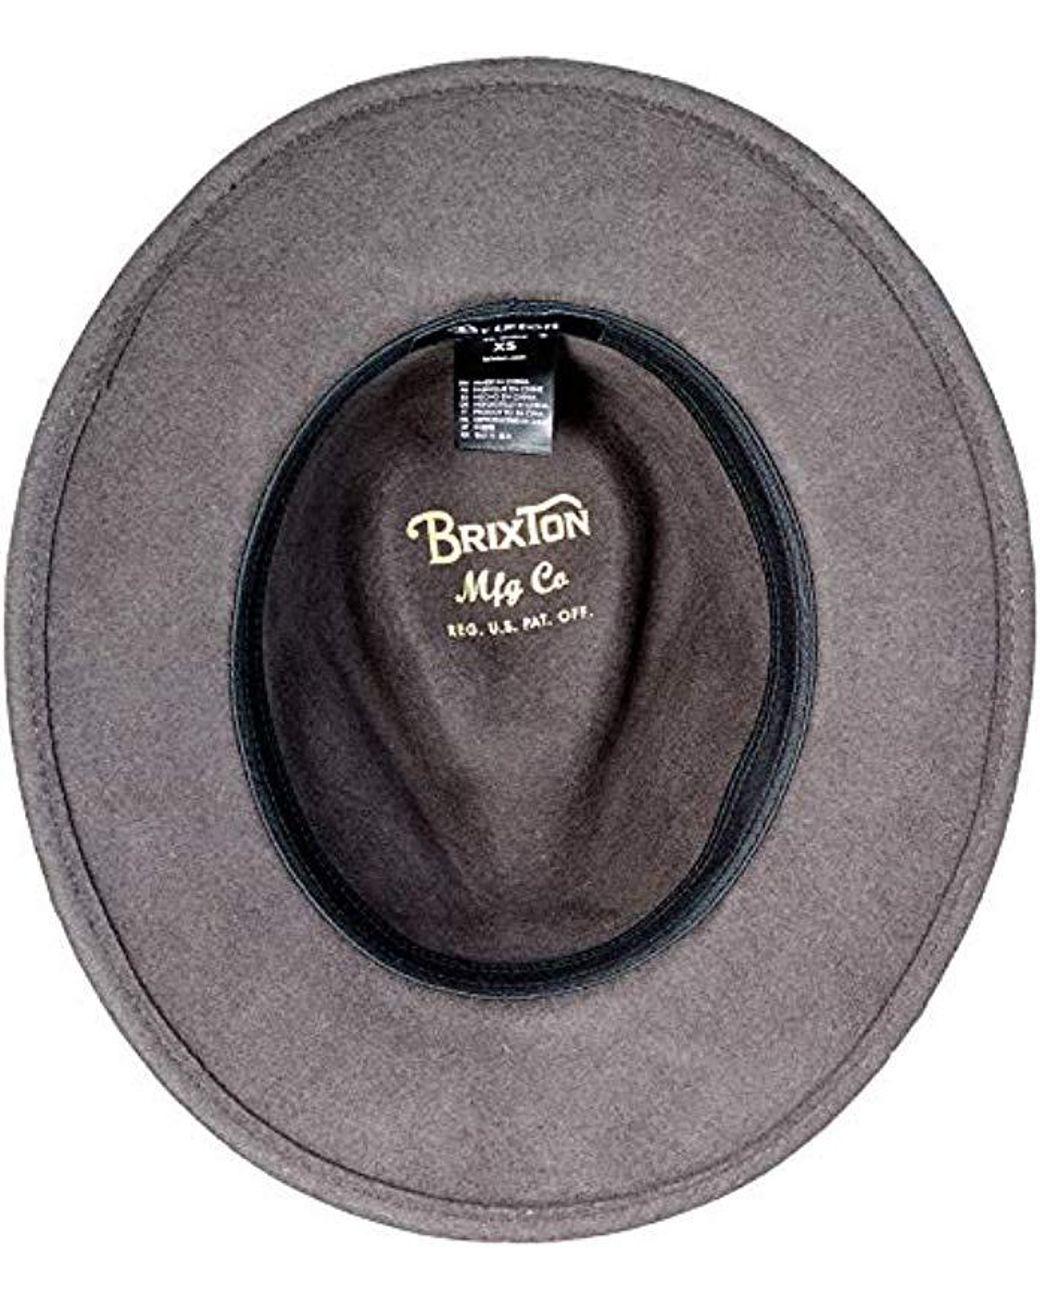 Stetson Cappello Pork Pie Odenton da Donna//Uomo Porkpie in Cotone Fedora Impermeabile e con Protezione dal Sole Estate//Inverno